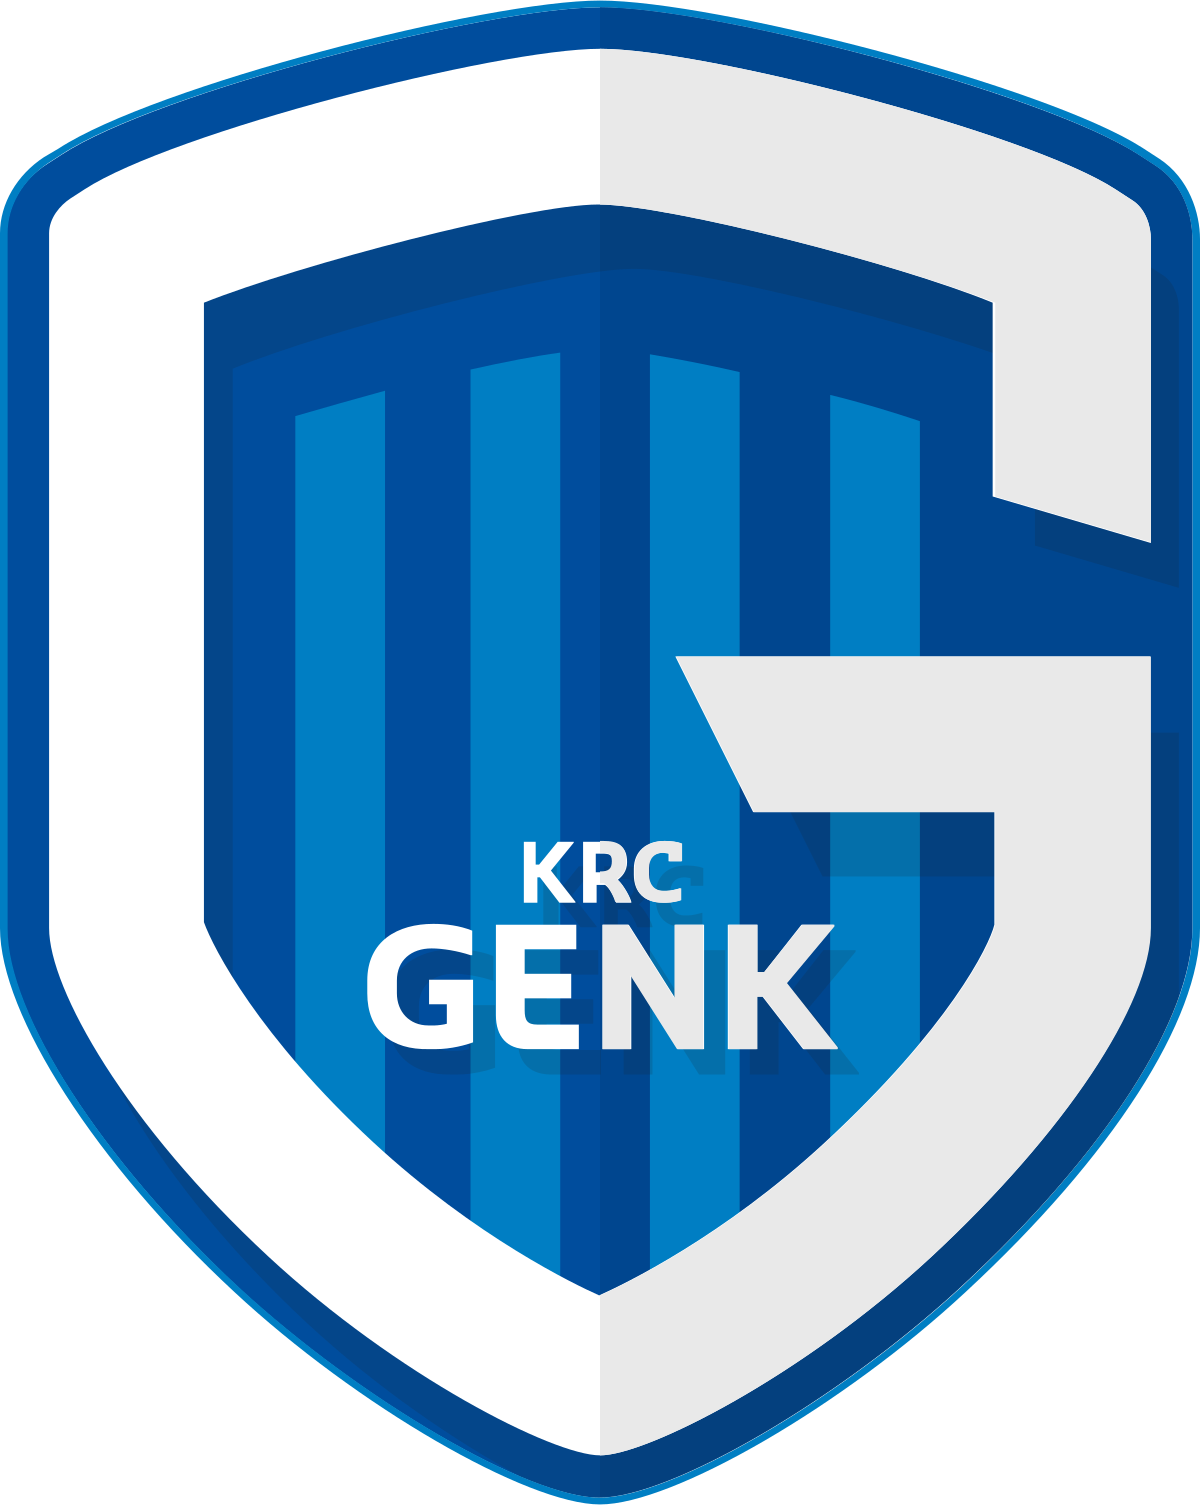 KRC_Genkpng